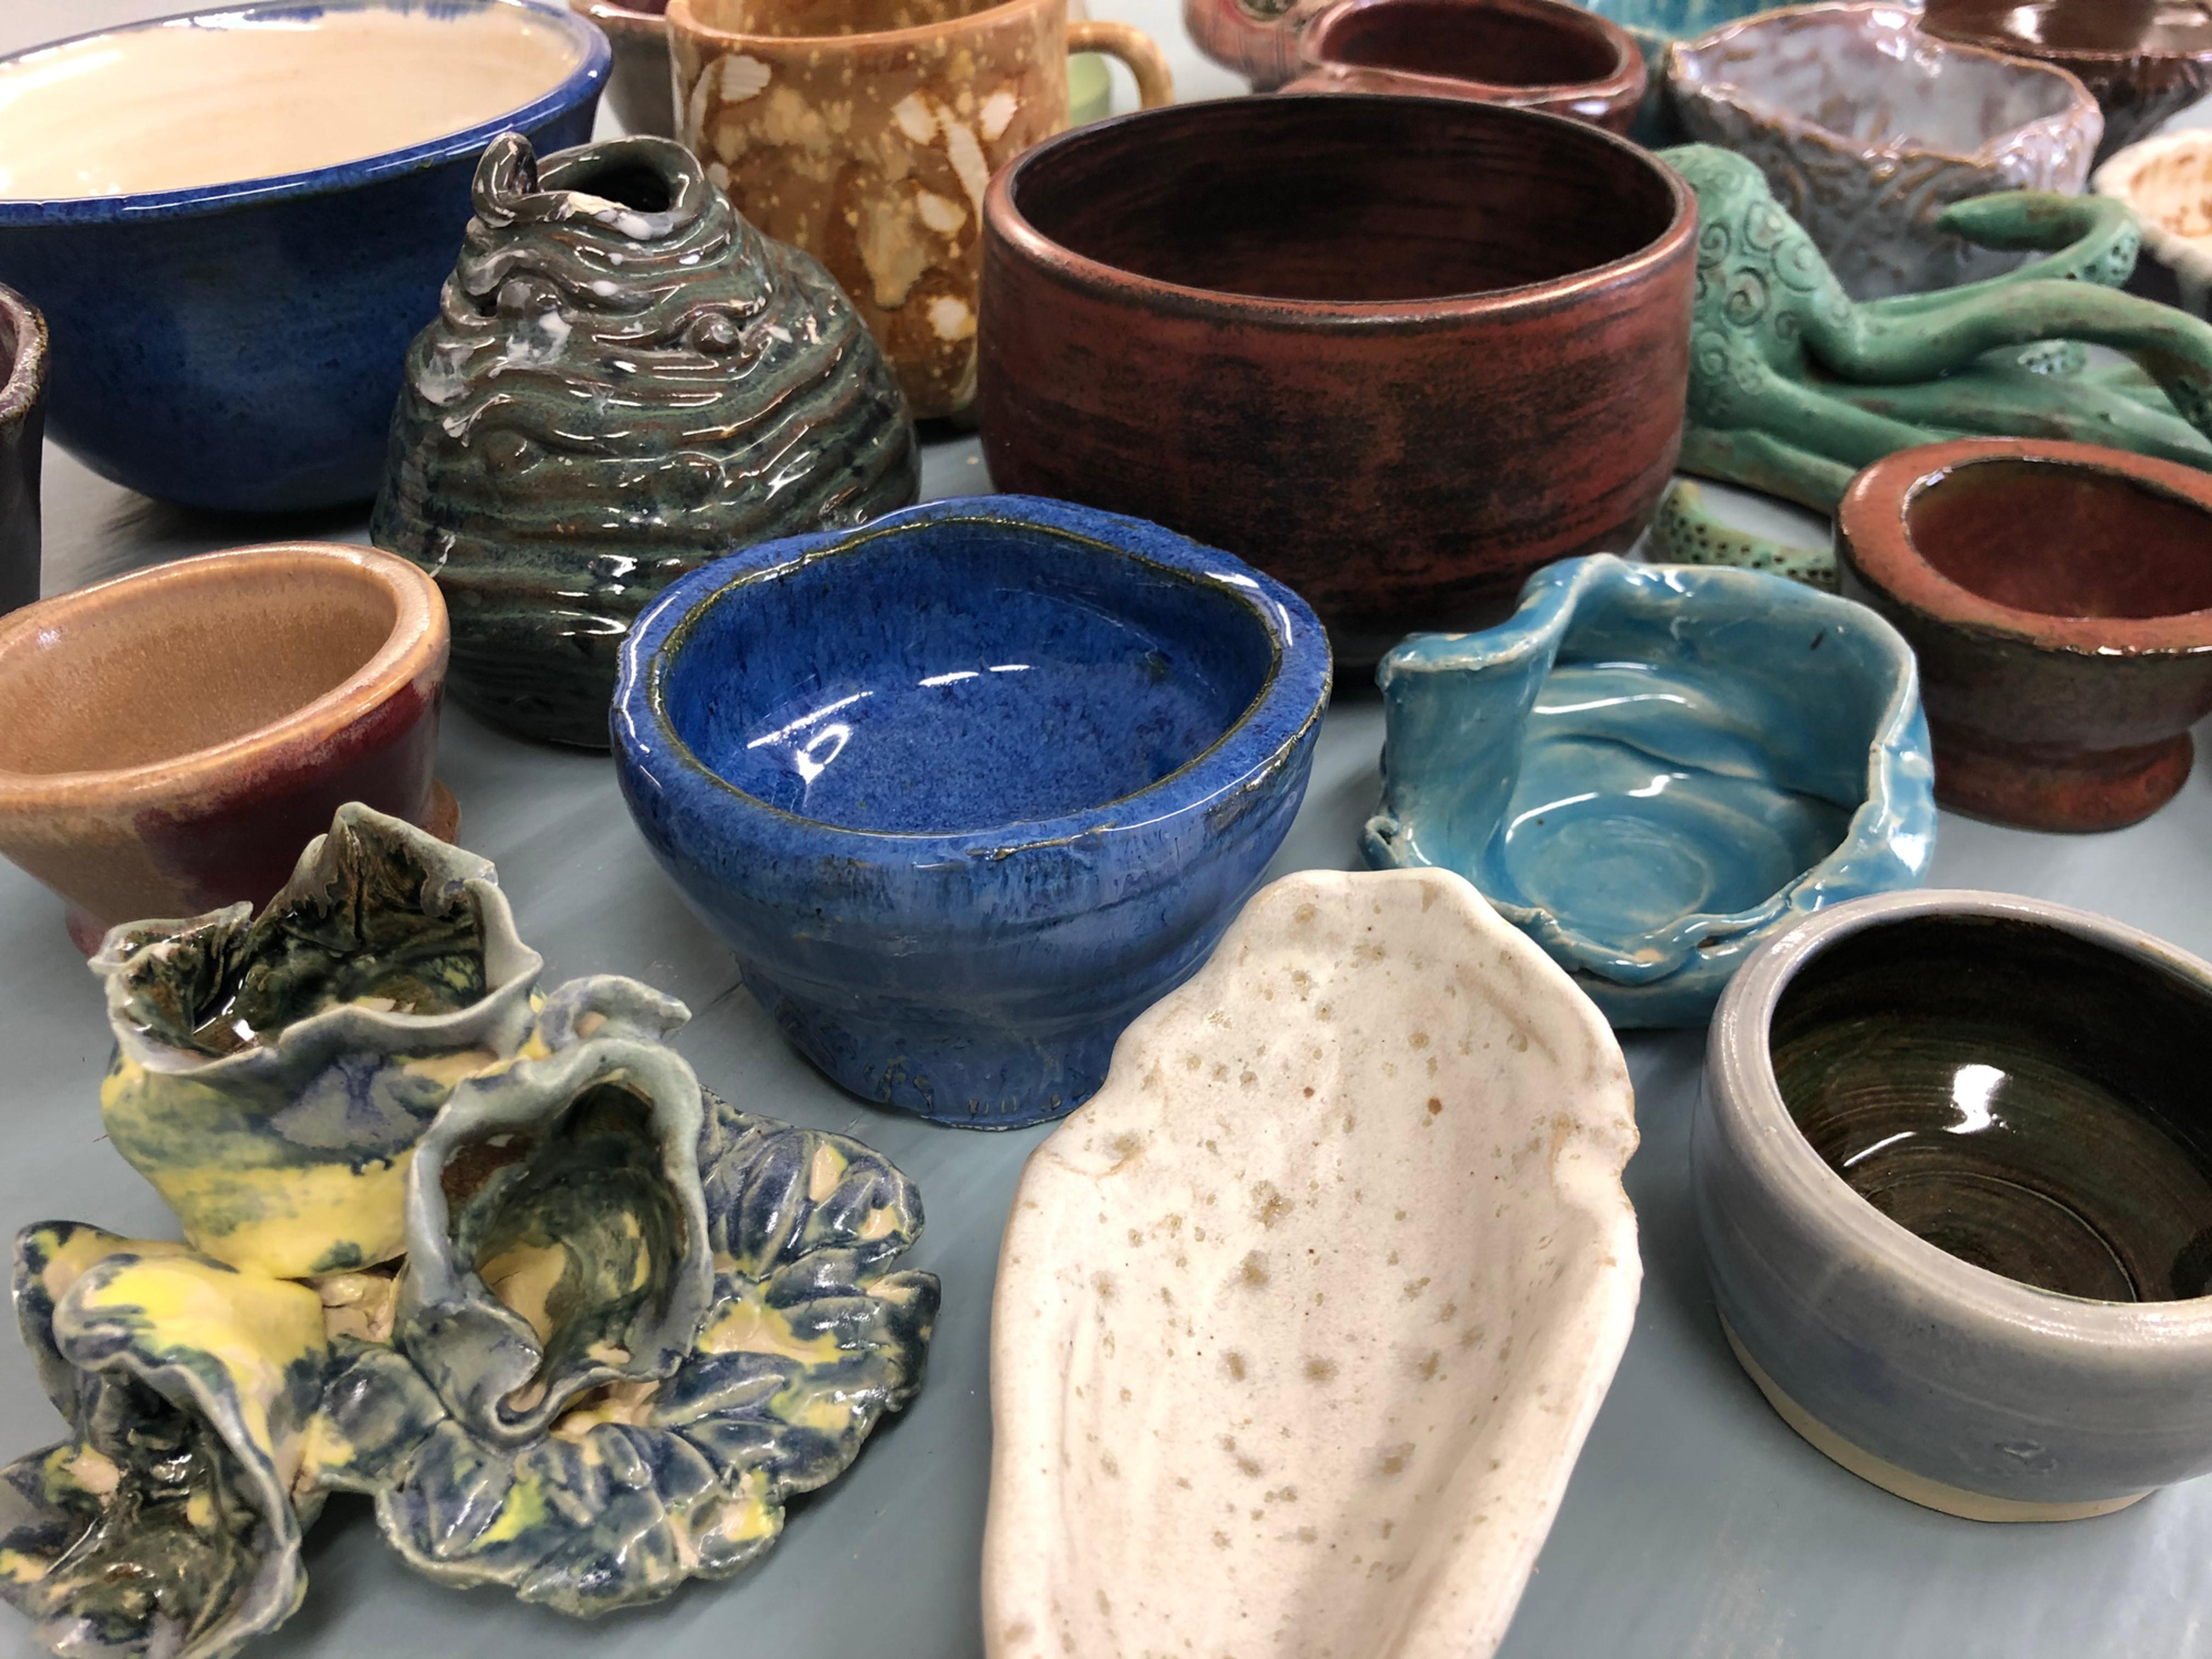 Wednesday Night Pottery